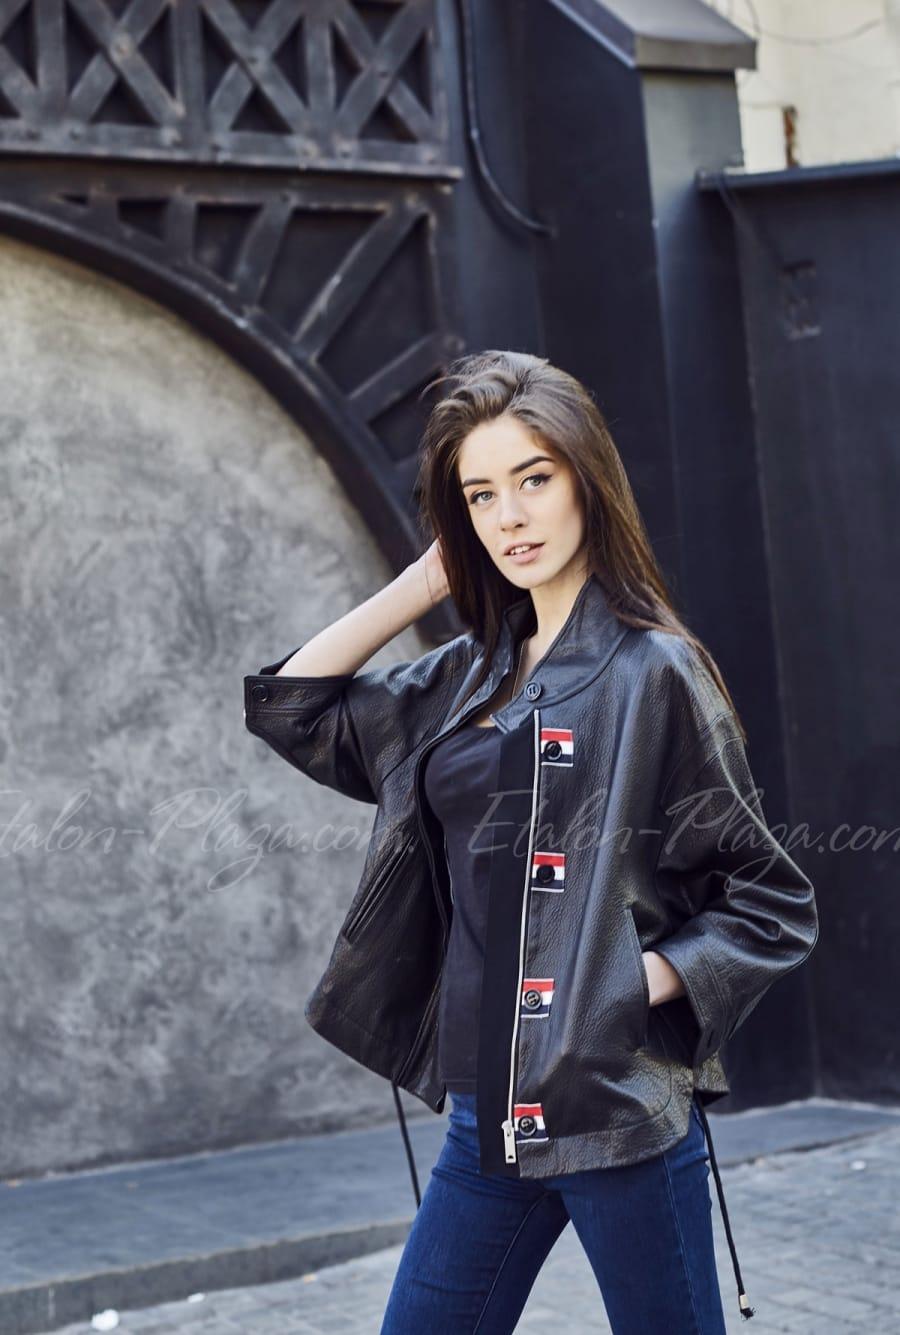 Women's leather jacket K1204